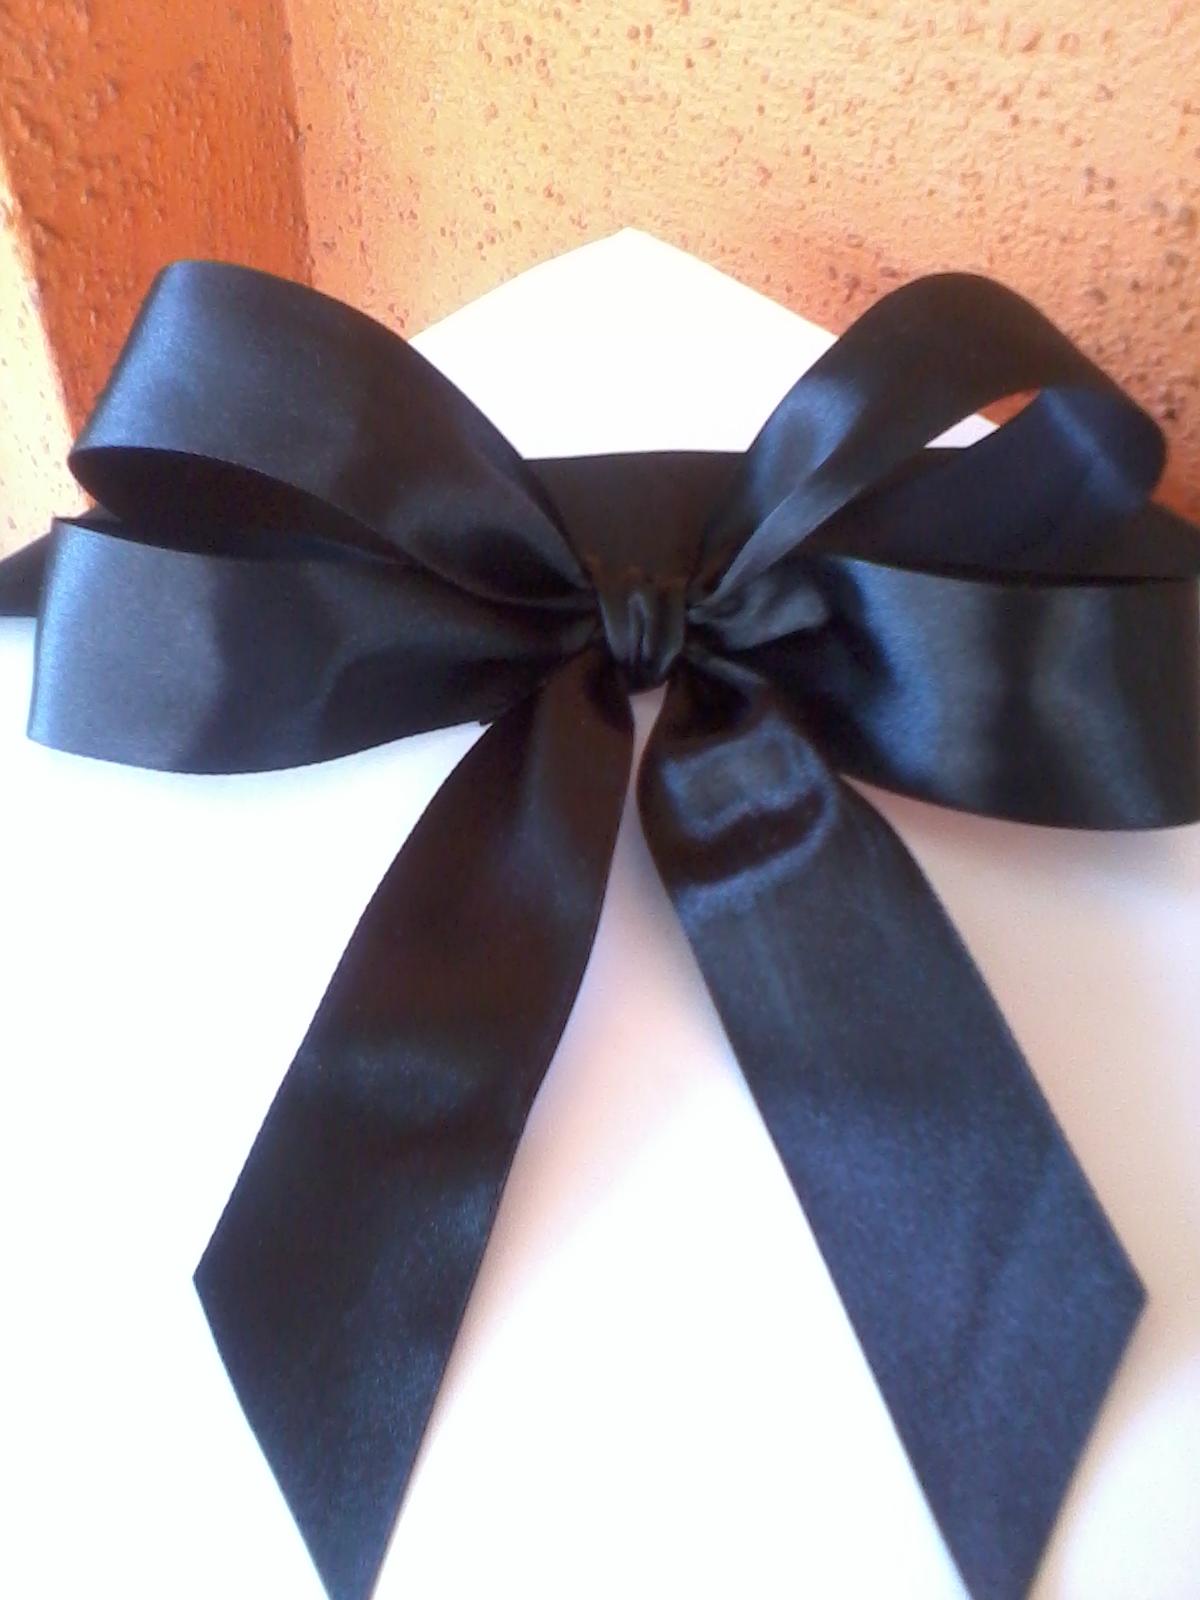 Cintas decorativas cintas decorativas para regalos - Cinta para regalo ...